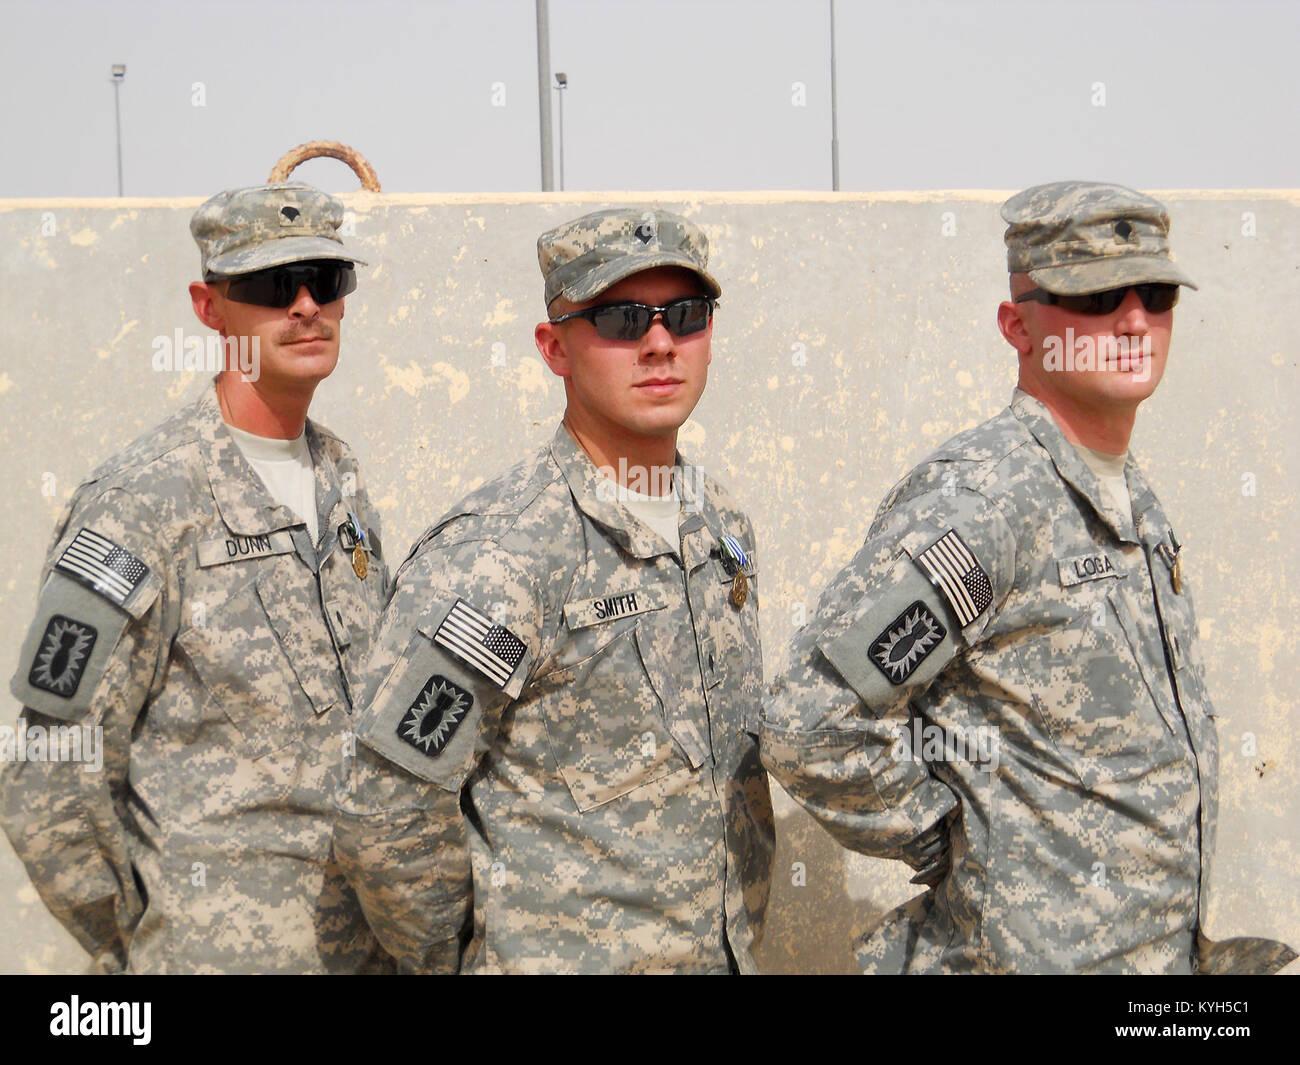 Niedlich Armee Sergeant Lebenslauf Beispiele Fotos - Beispiel ...